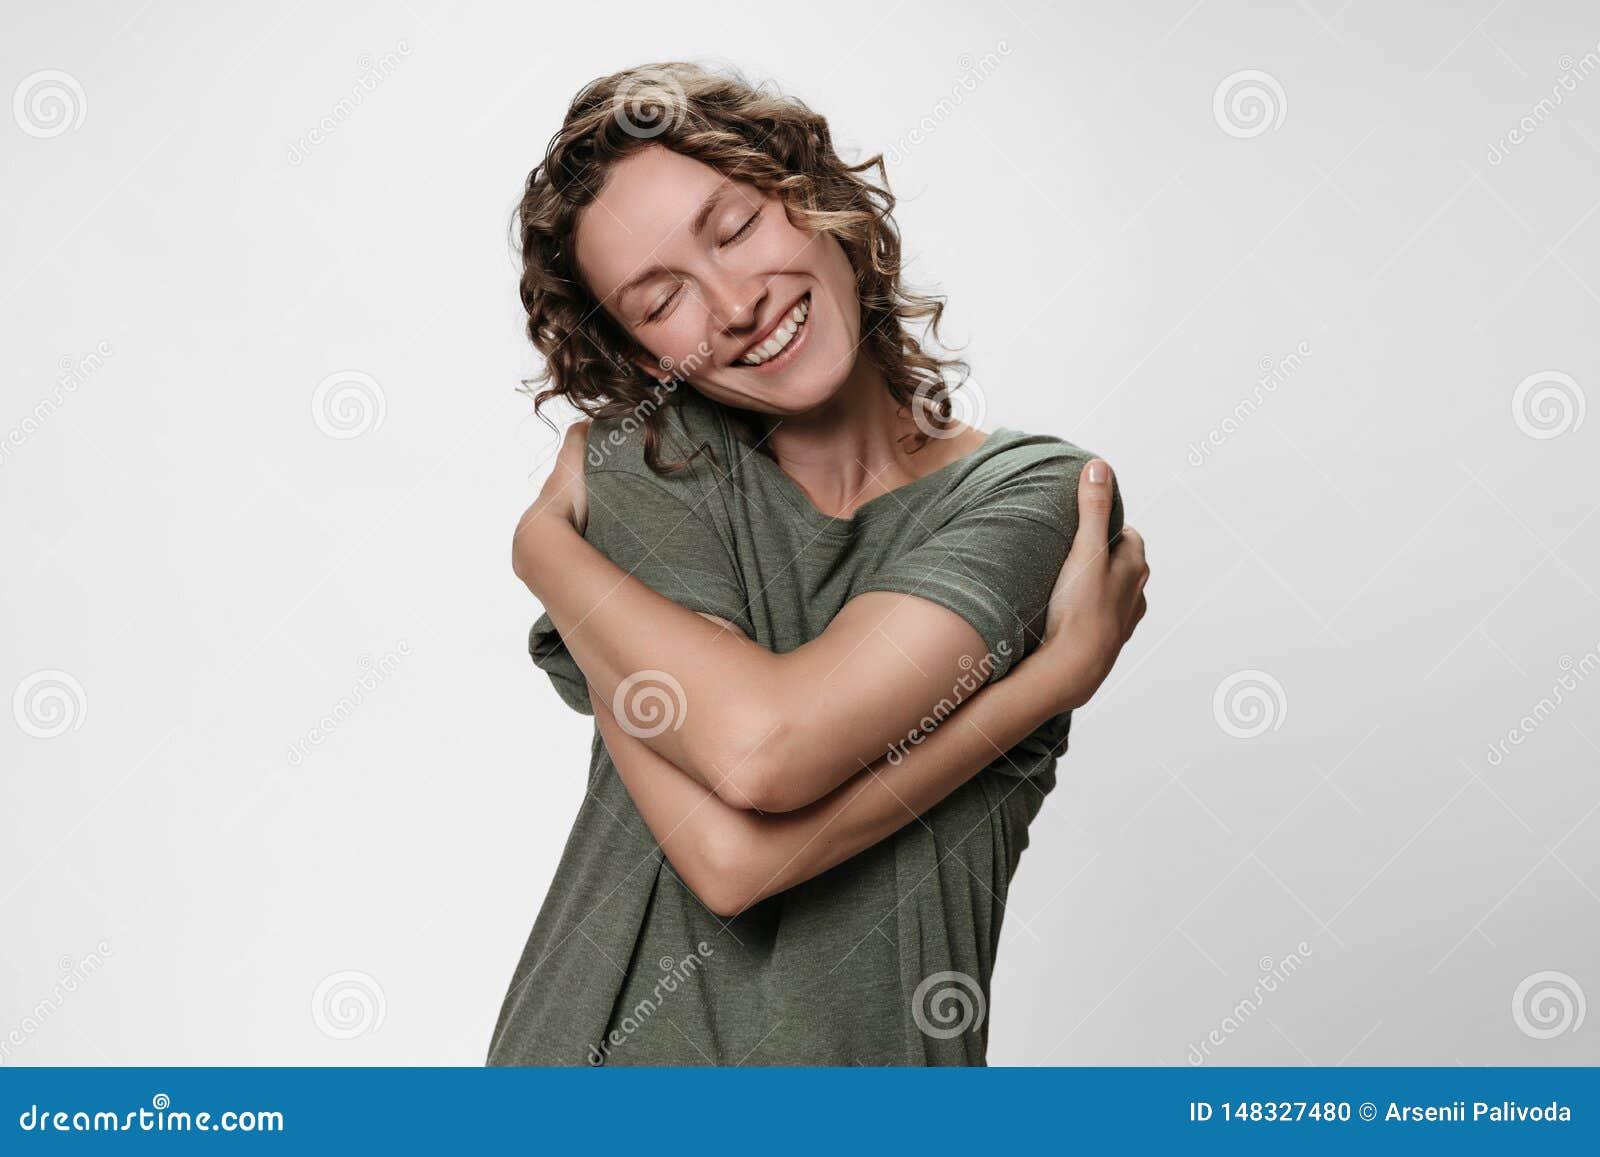 La mujer rizada joven que se abraza, parece feliz, expresa emociones positivas naturales